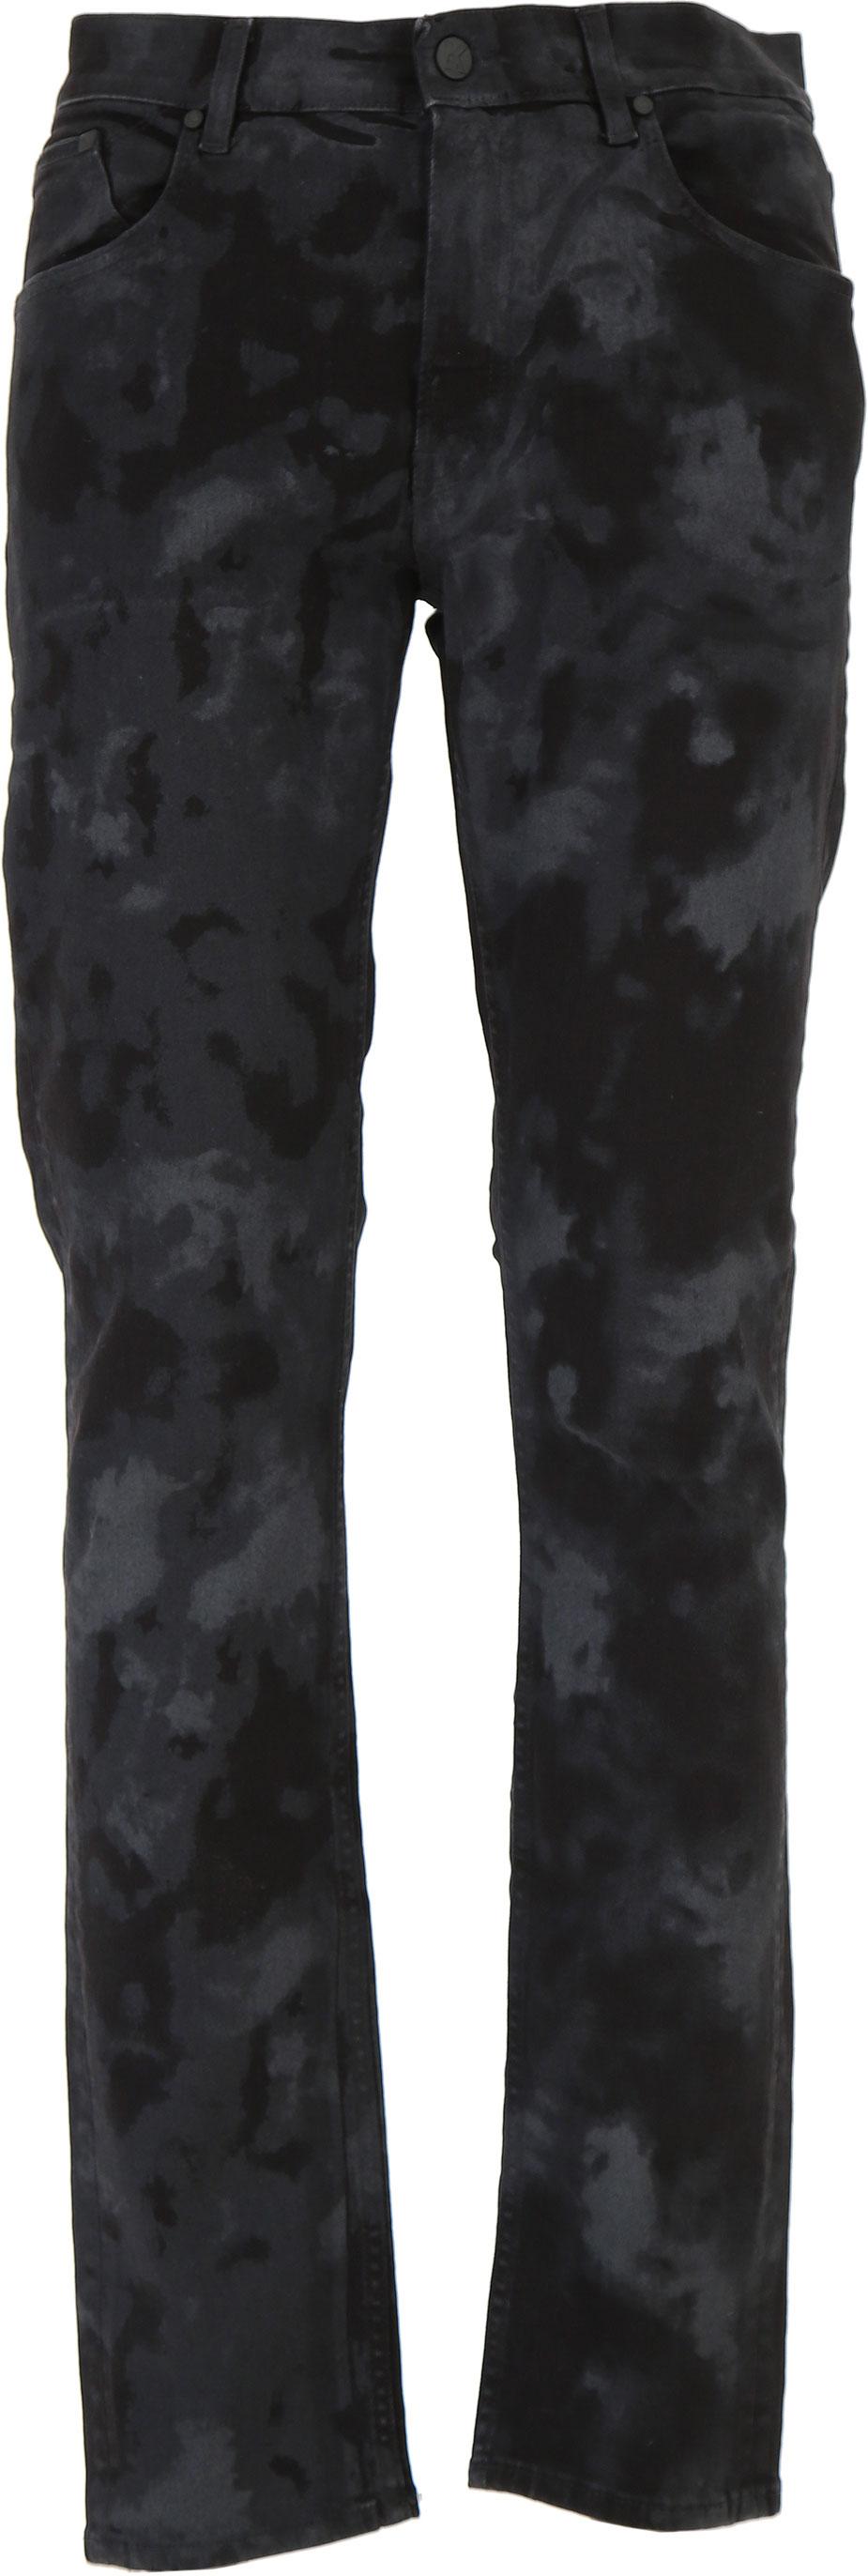 Abbigliamento Uomo Karl Lagerfeld, Codice Articolo: 265801-572856-